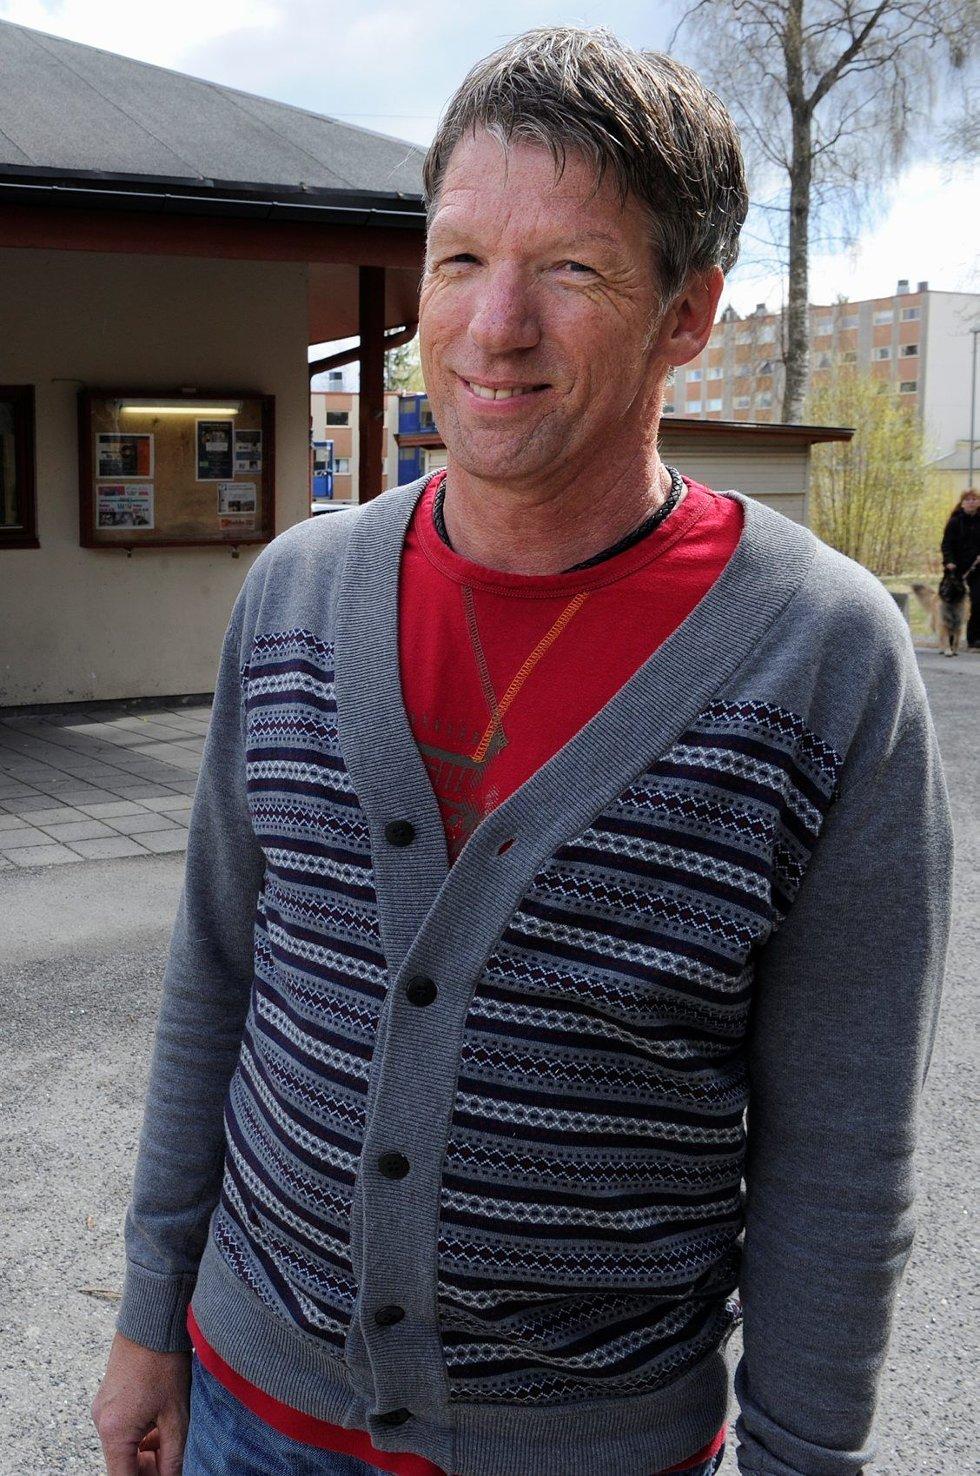 Inge Karlsen ved Varden grendehus er glad på egne vegne for å beholde jobben, men det store smilet skyldes at ungdommene får beholde tilbudet sitt. Foto: Kurt André Høyessen